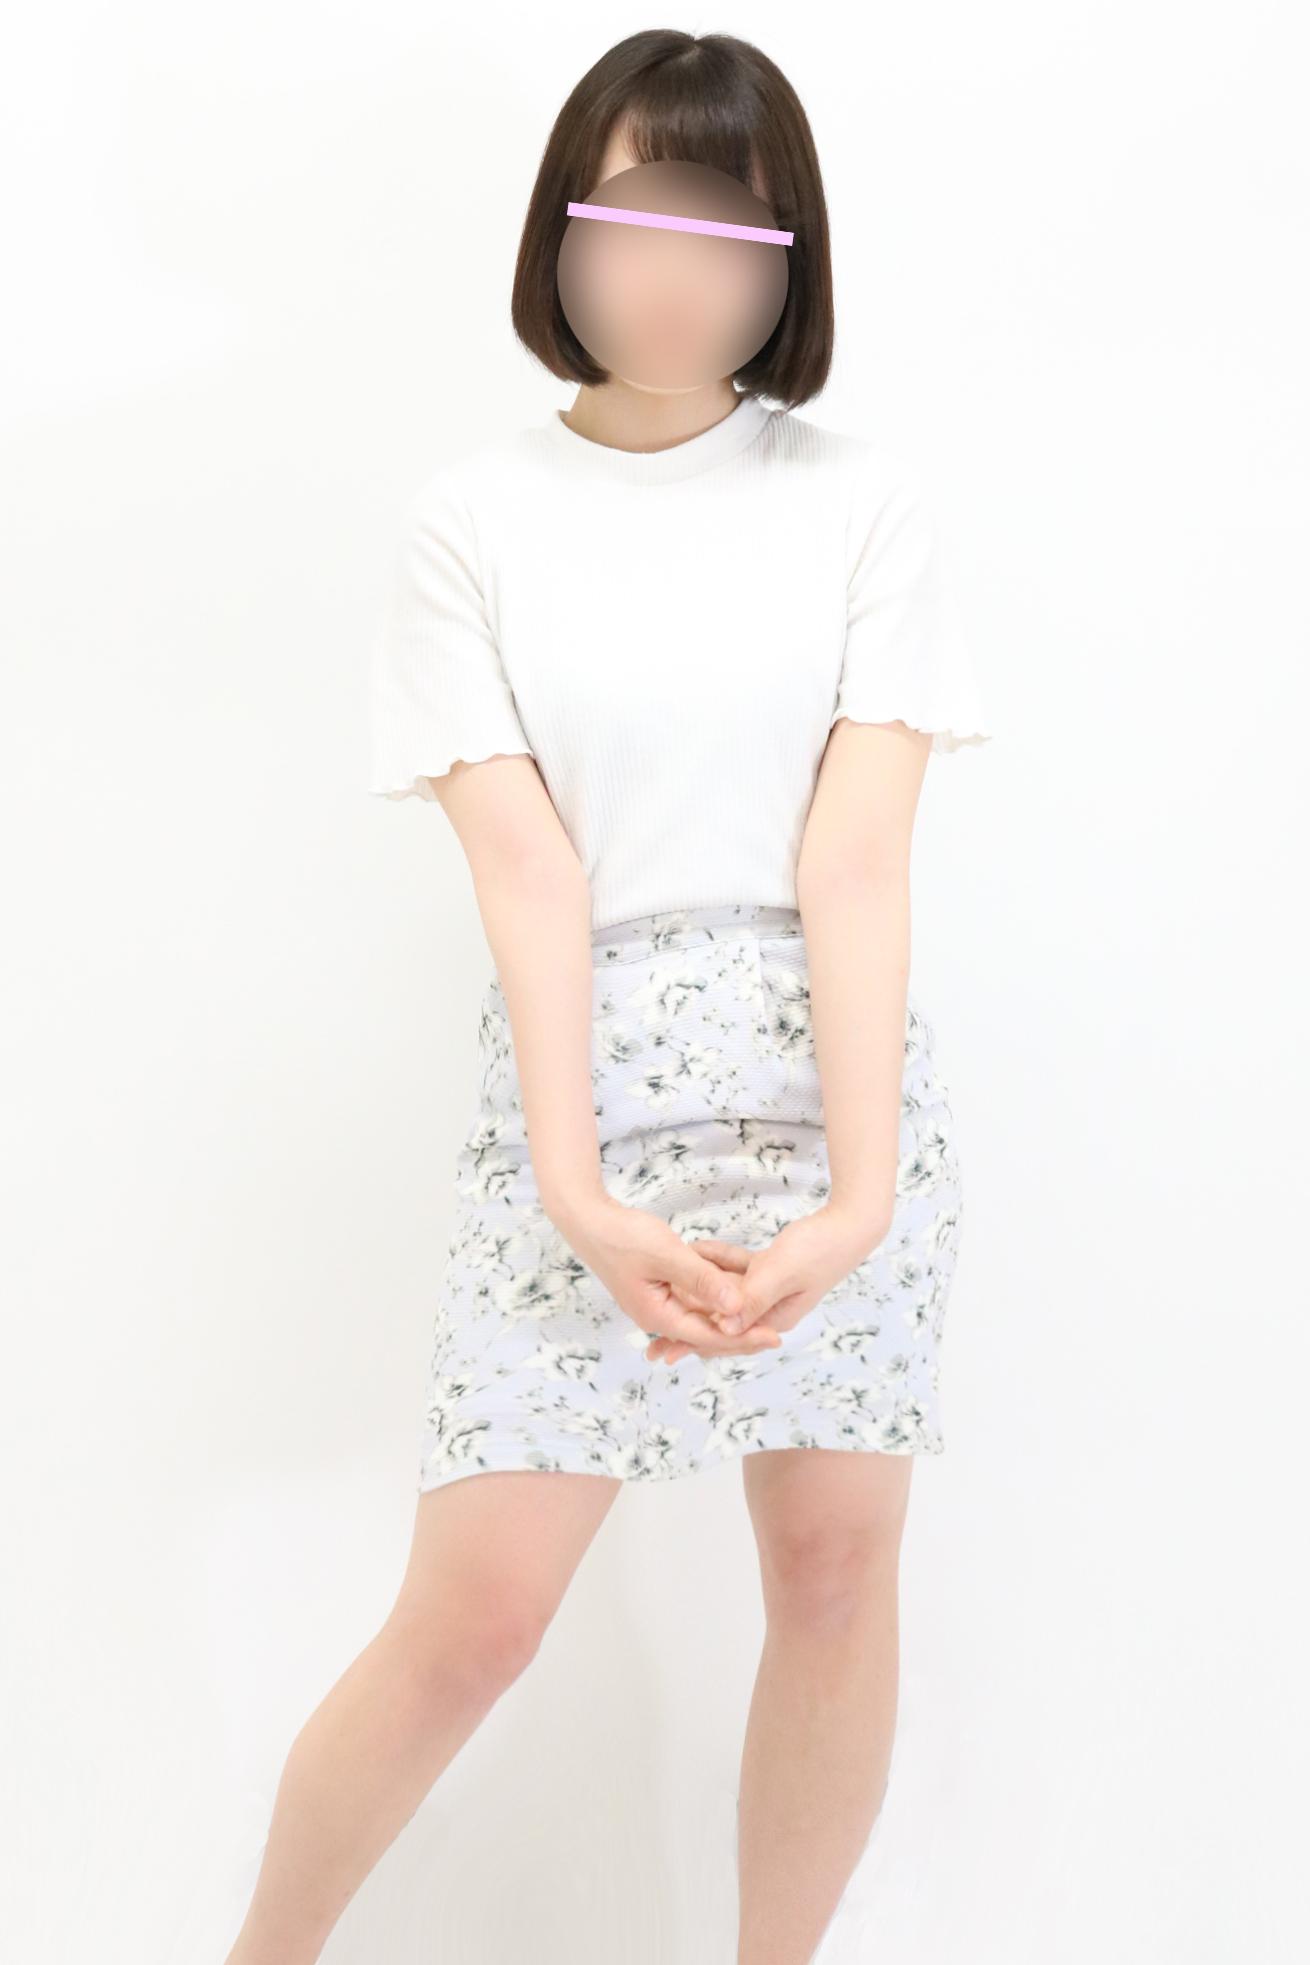 横浜手コキ&オナクラ ハマのあんぷり亭 りりちよ